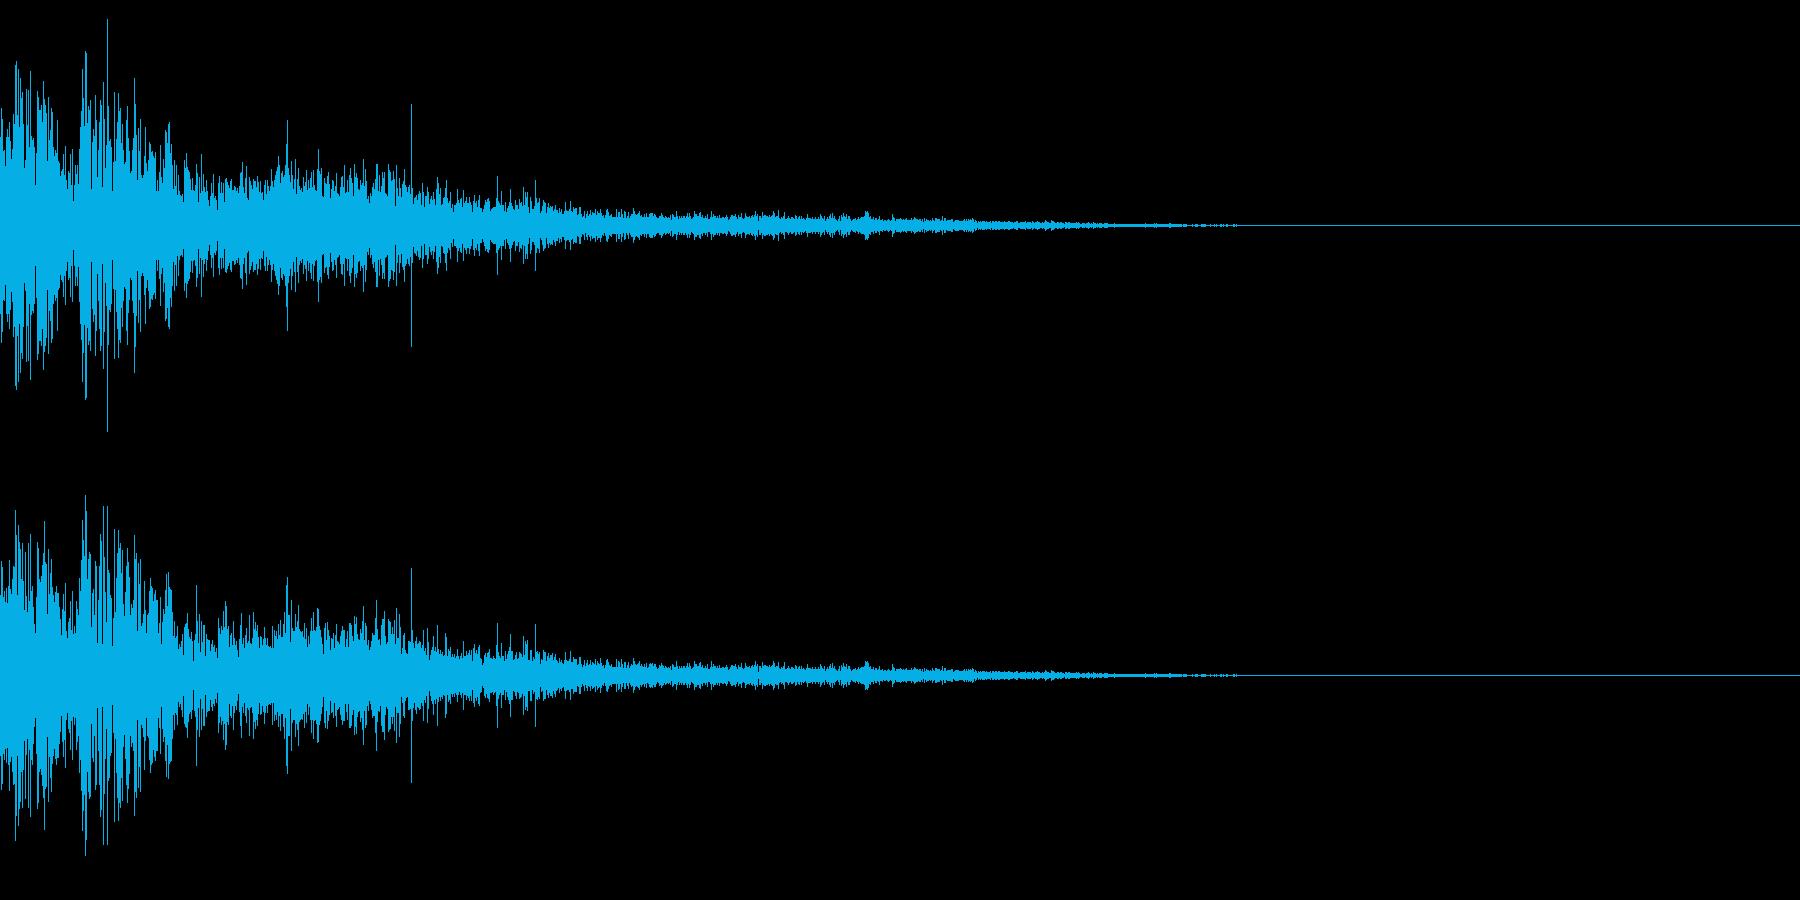 リアル系水の攻撃ヒット音、泥を含む重さの再生済みの波形